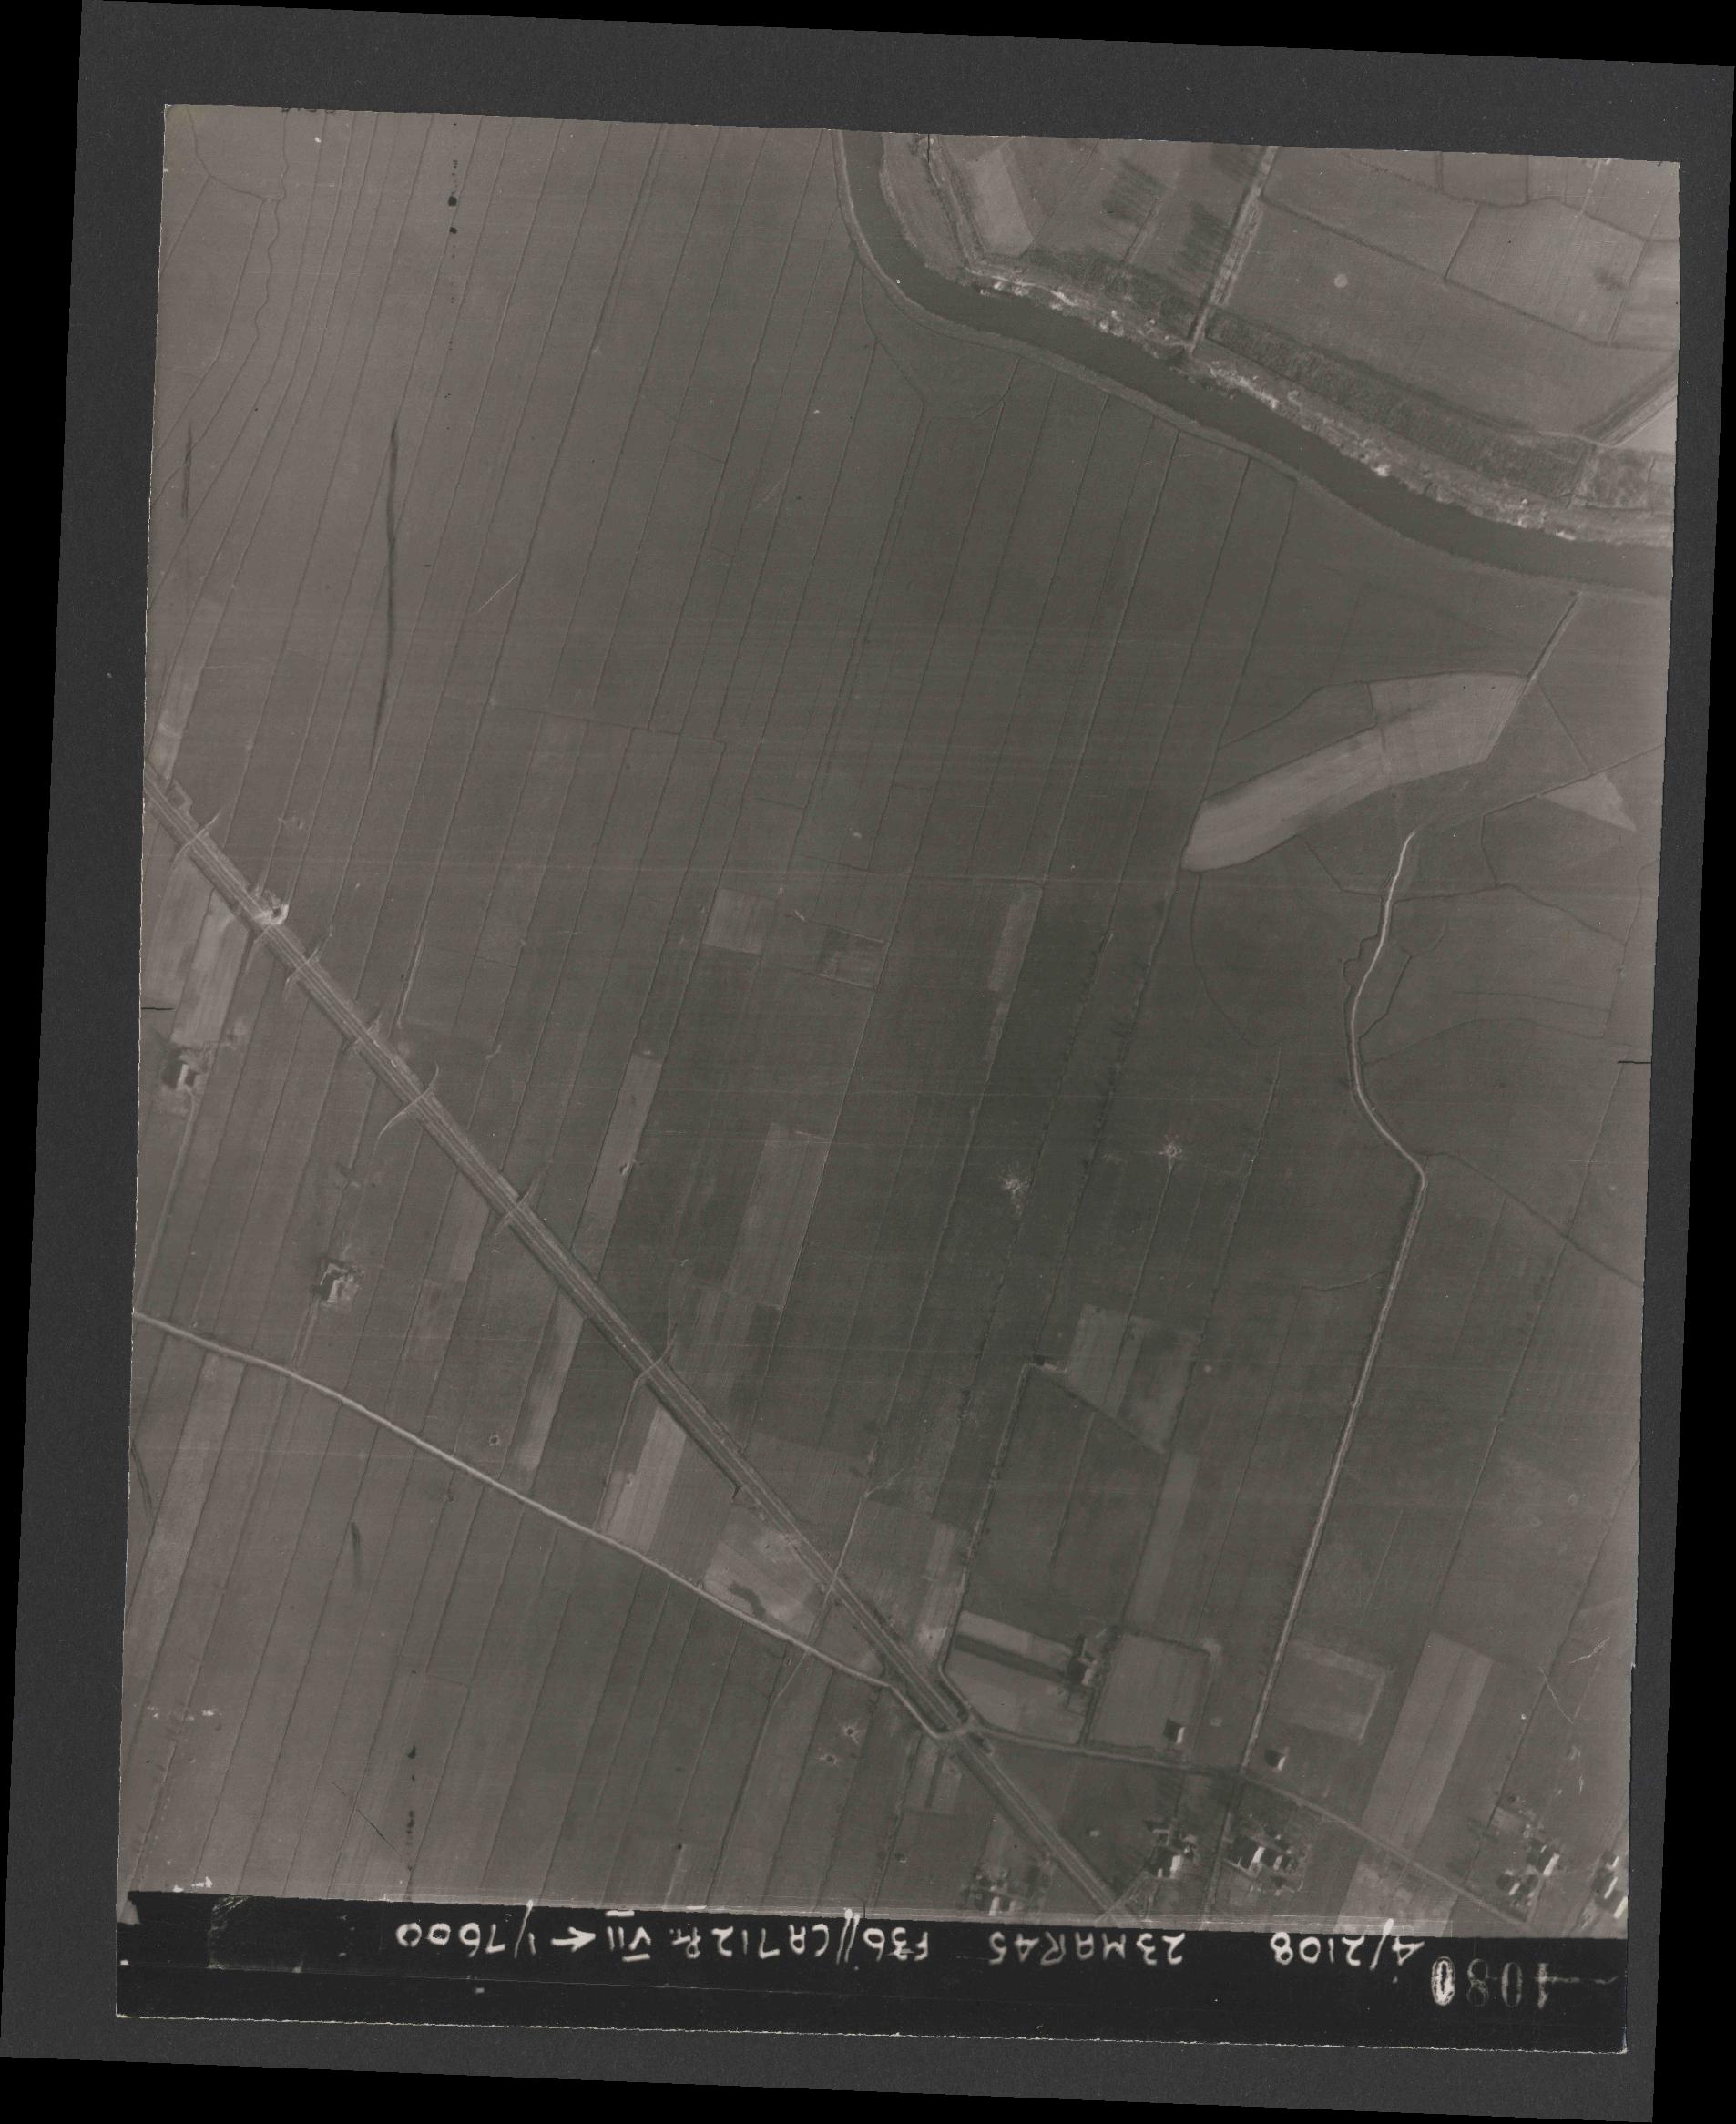 Collection RAF aerial photos 1940-1945 - flight 104, run 10, photo 4080